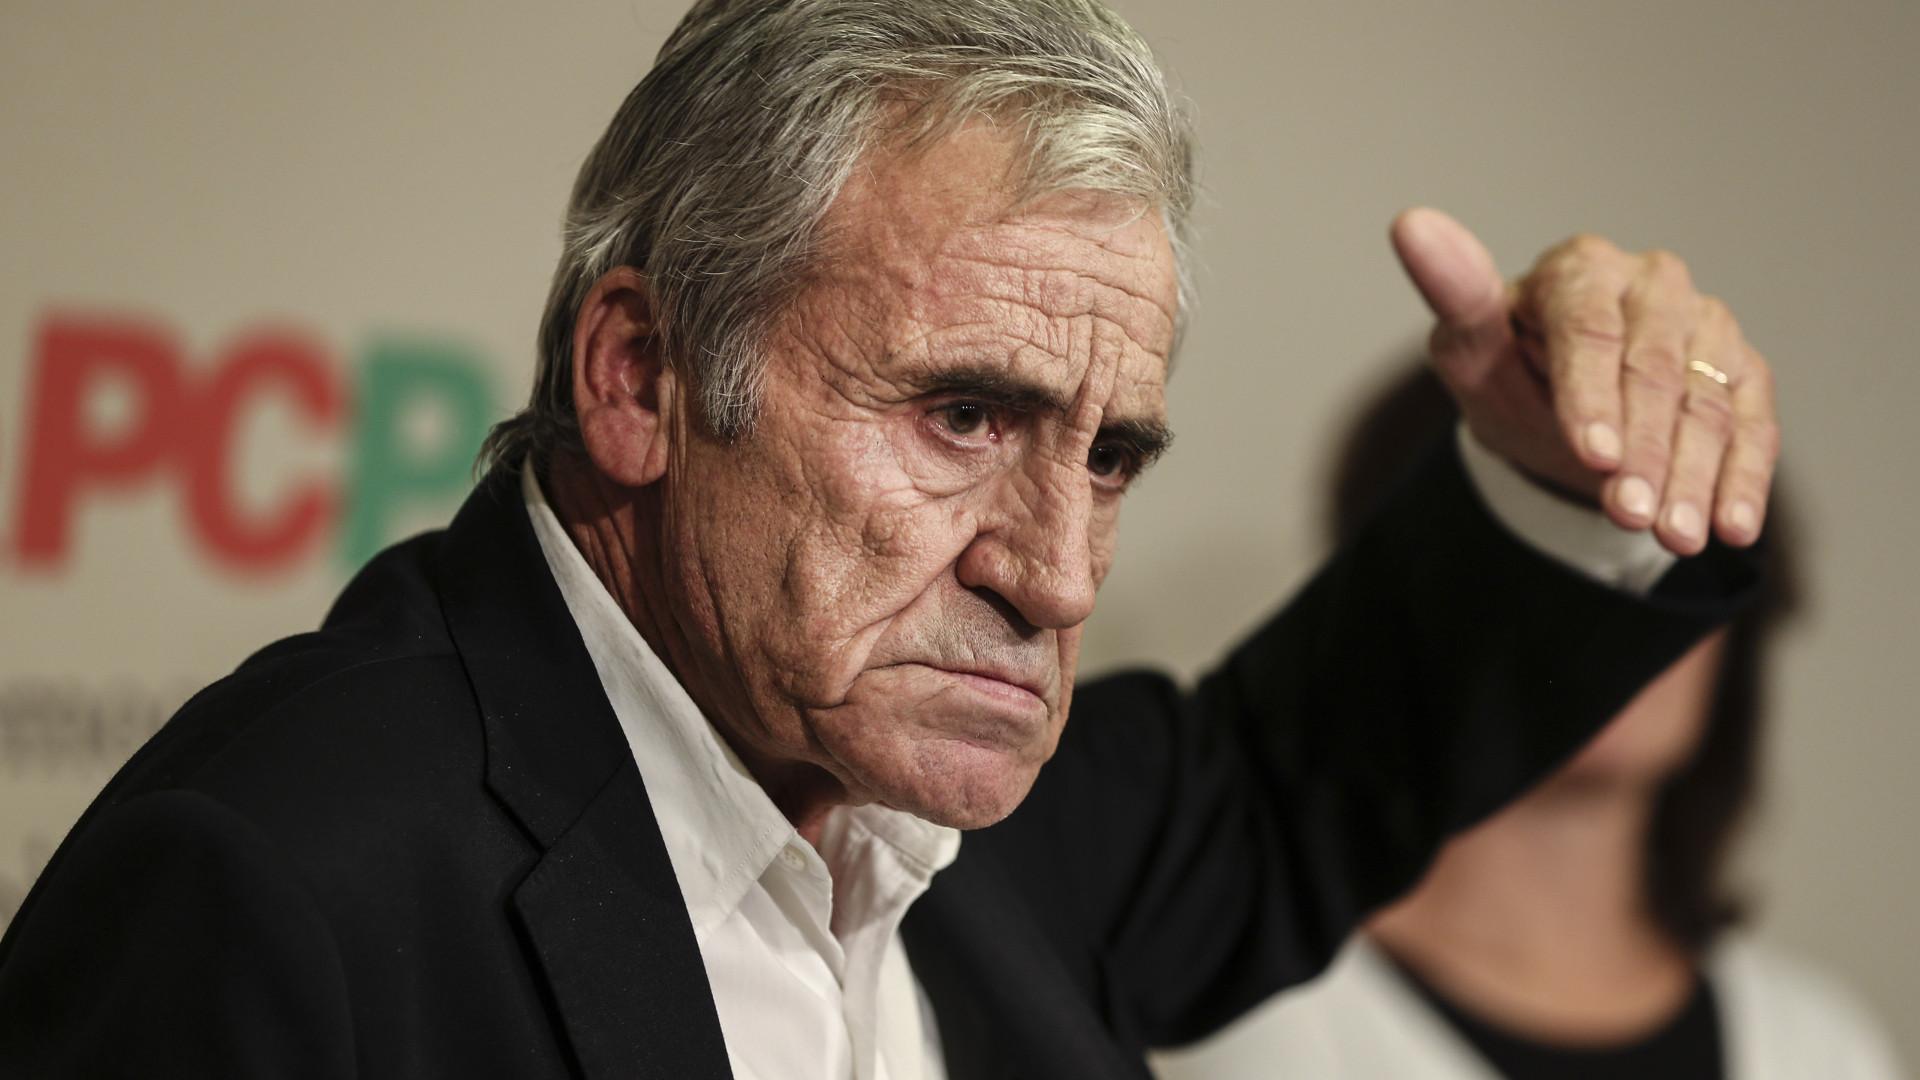 Jerónimo de Sousa garante que não desiste de salário mínimo de 650 euros